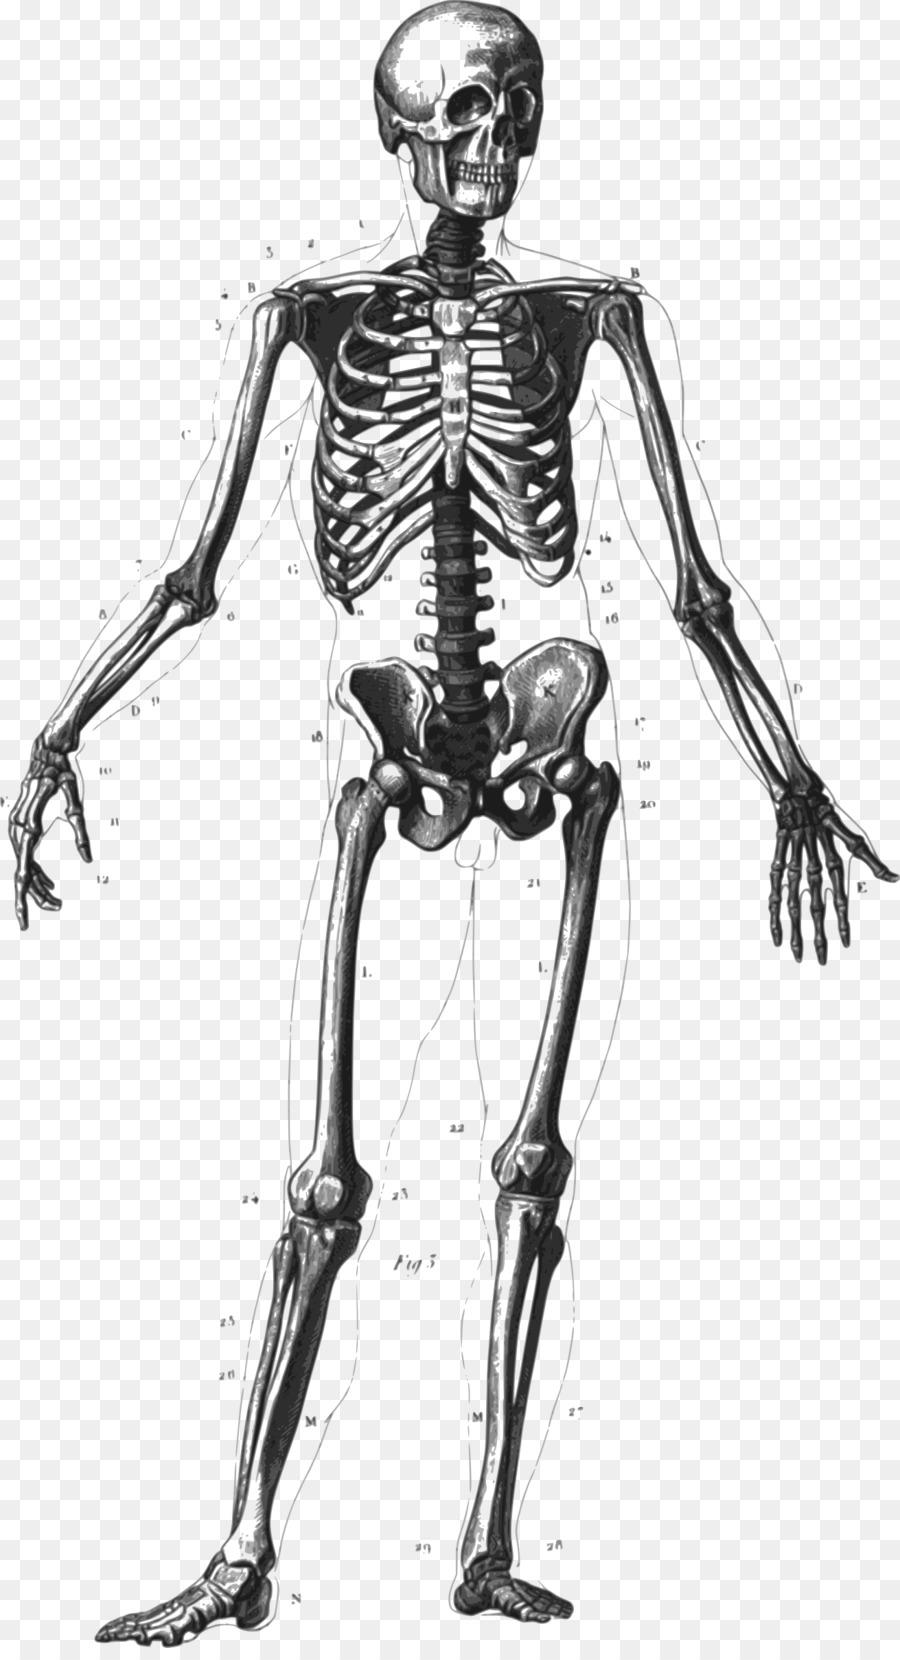 Картинка скелет человека без подписей, сделать